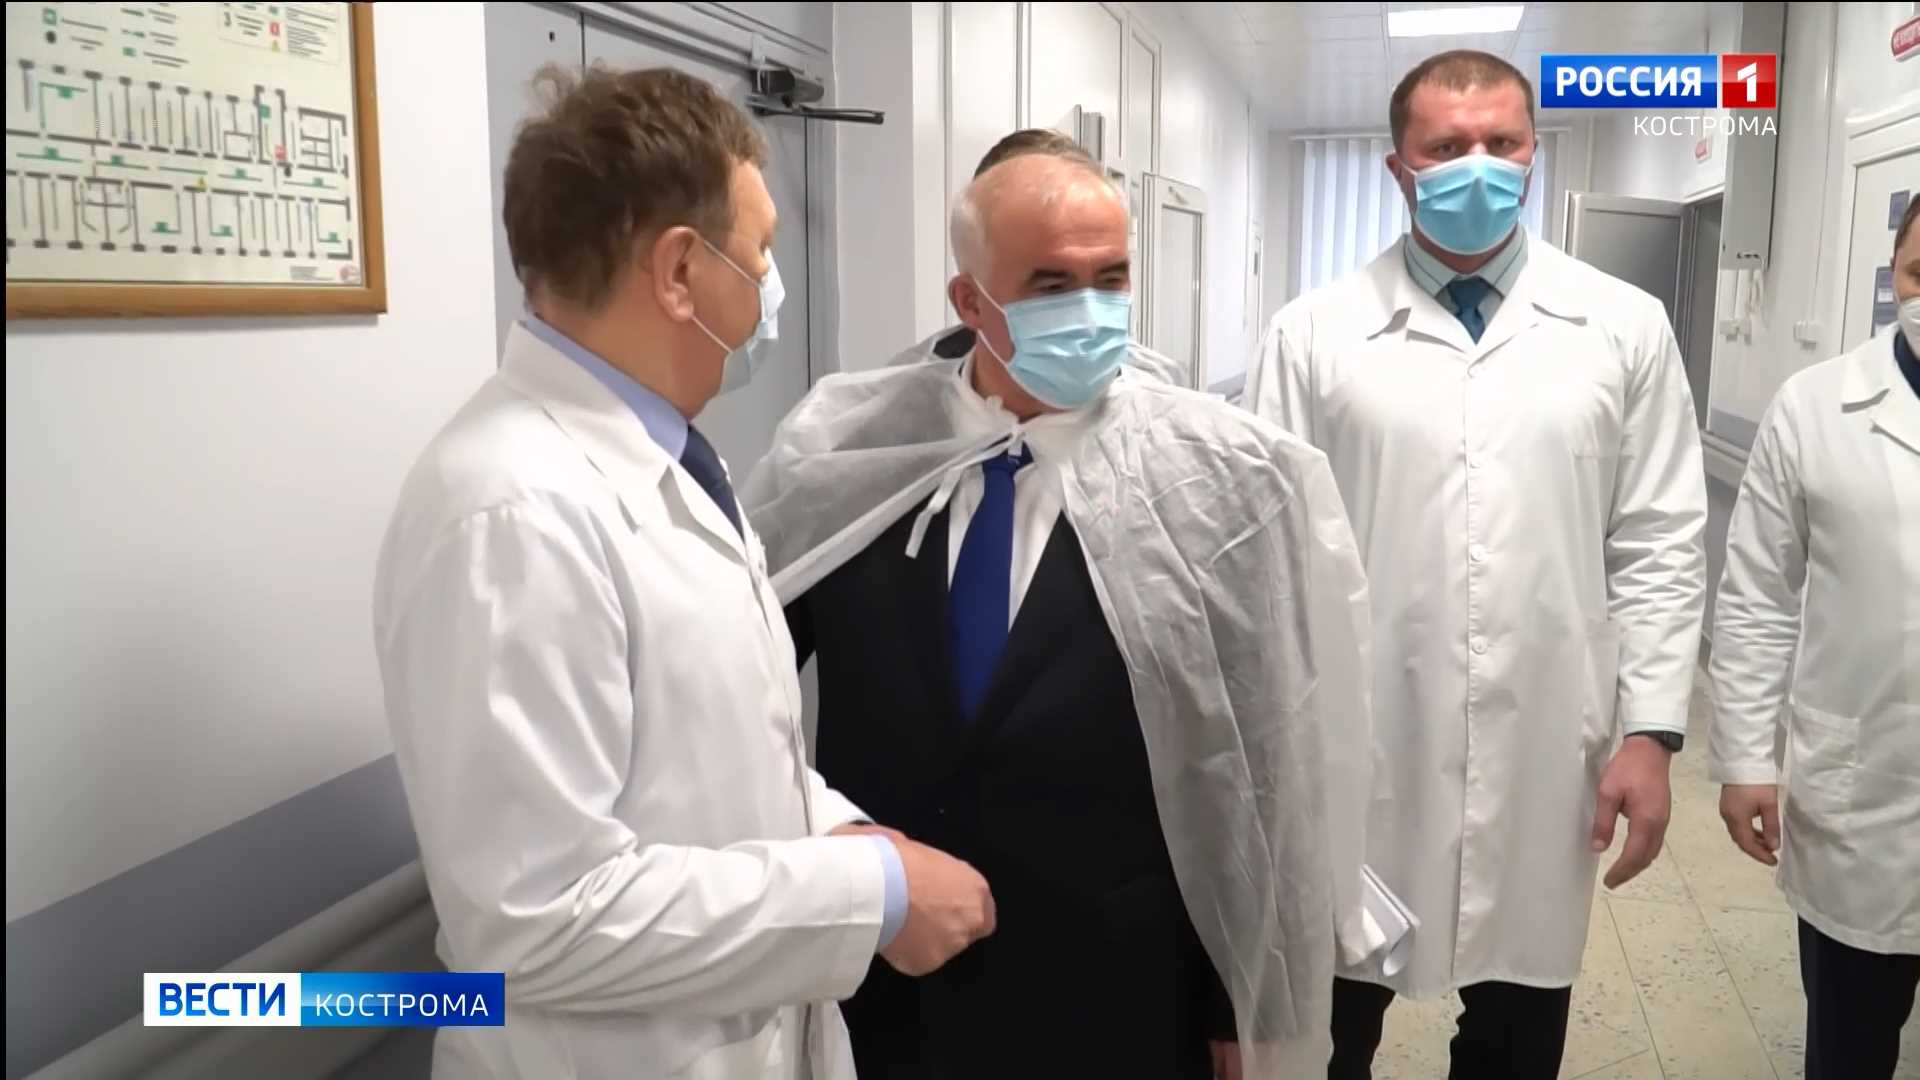 В Городской больнице Костромы открылось обновлённое травматолого-ортопедическое отделение